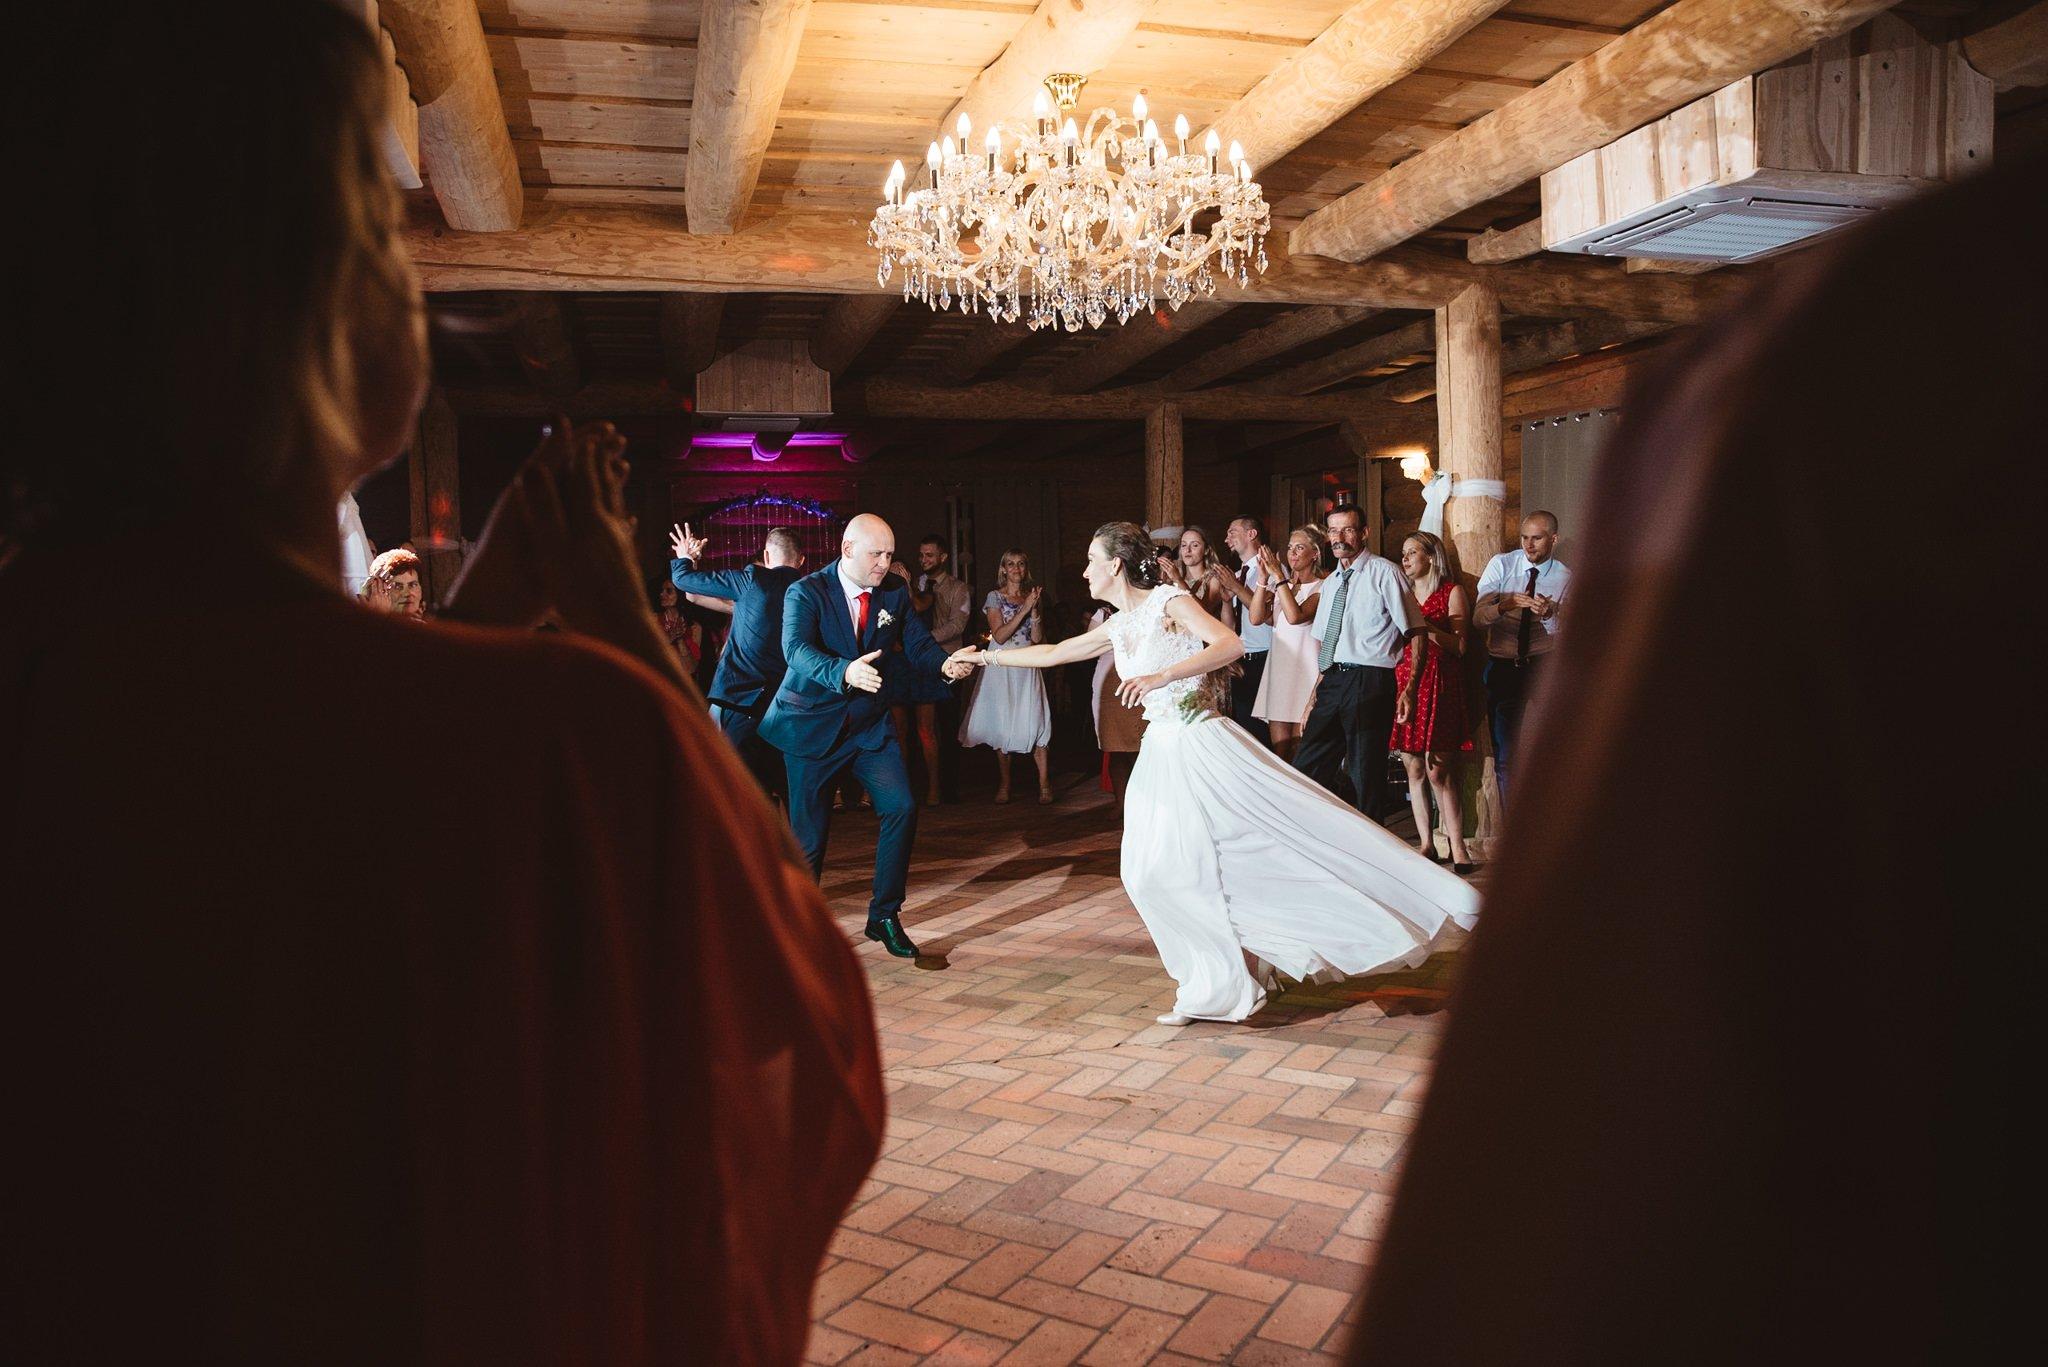 Ala i Arek, czyli jak zorganizować ślub i wesele w 4 tygodnie! 296